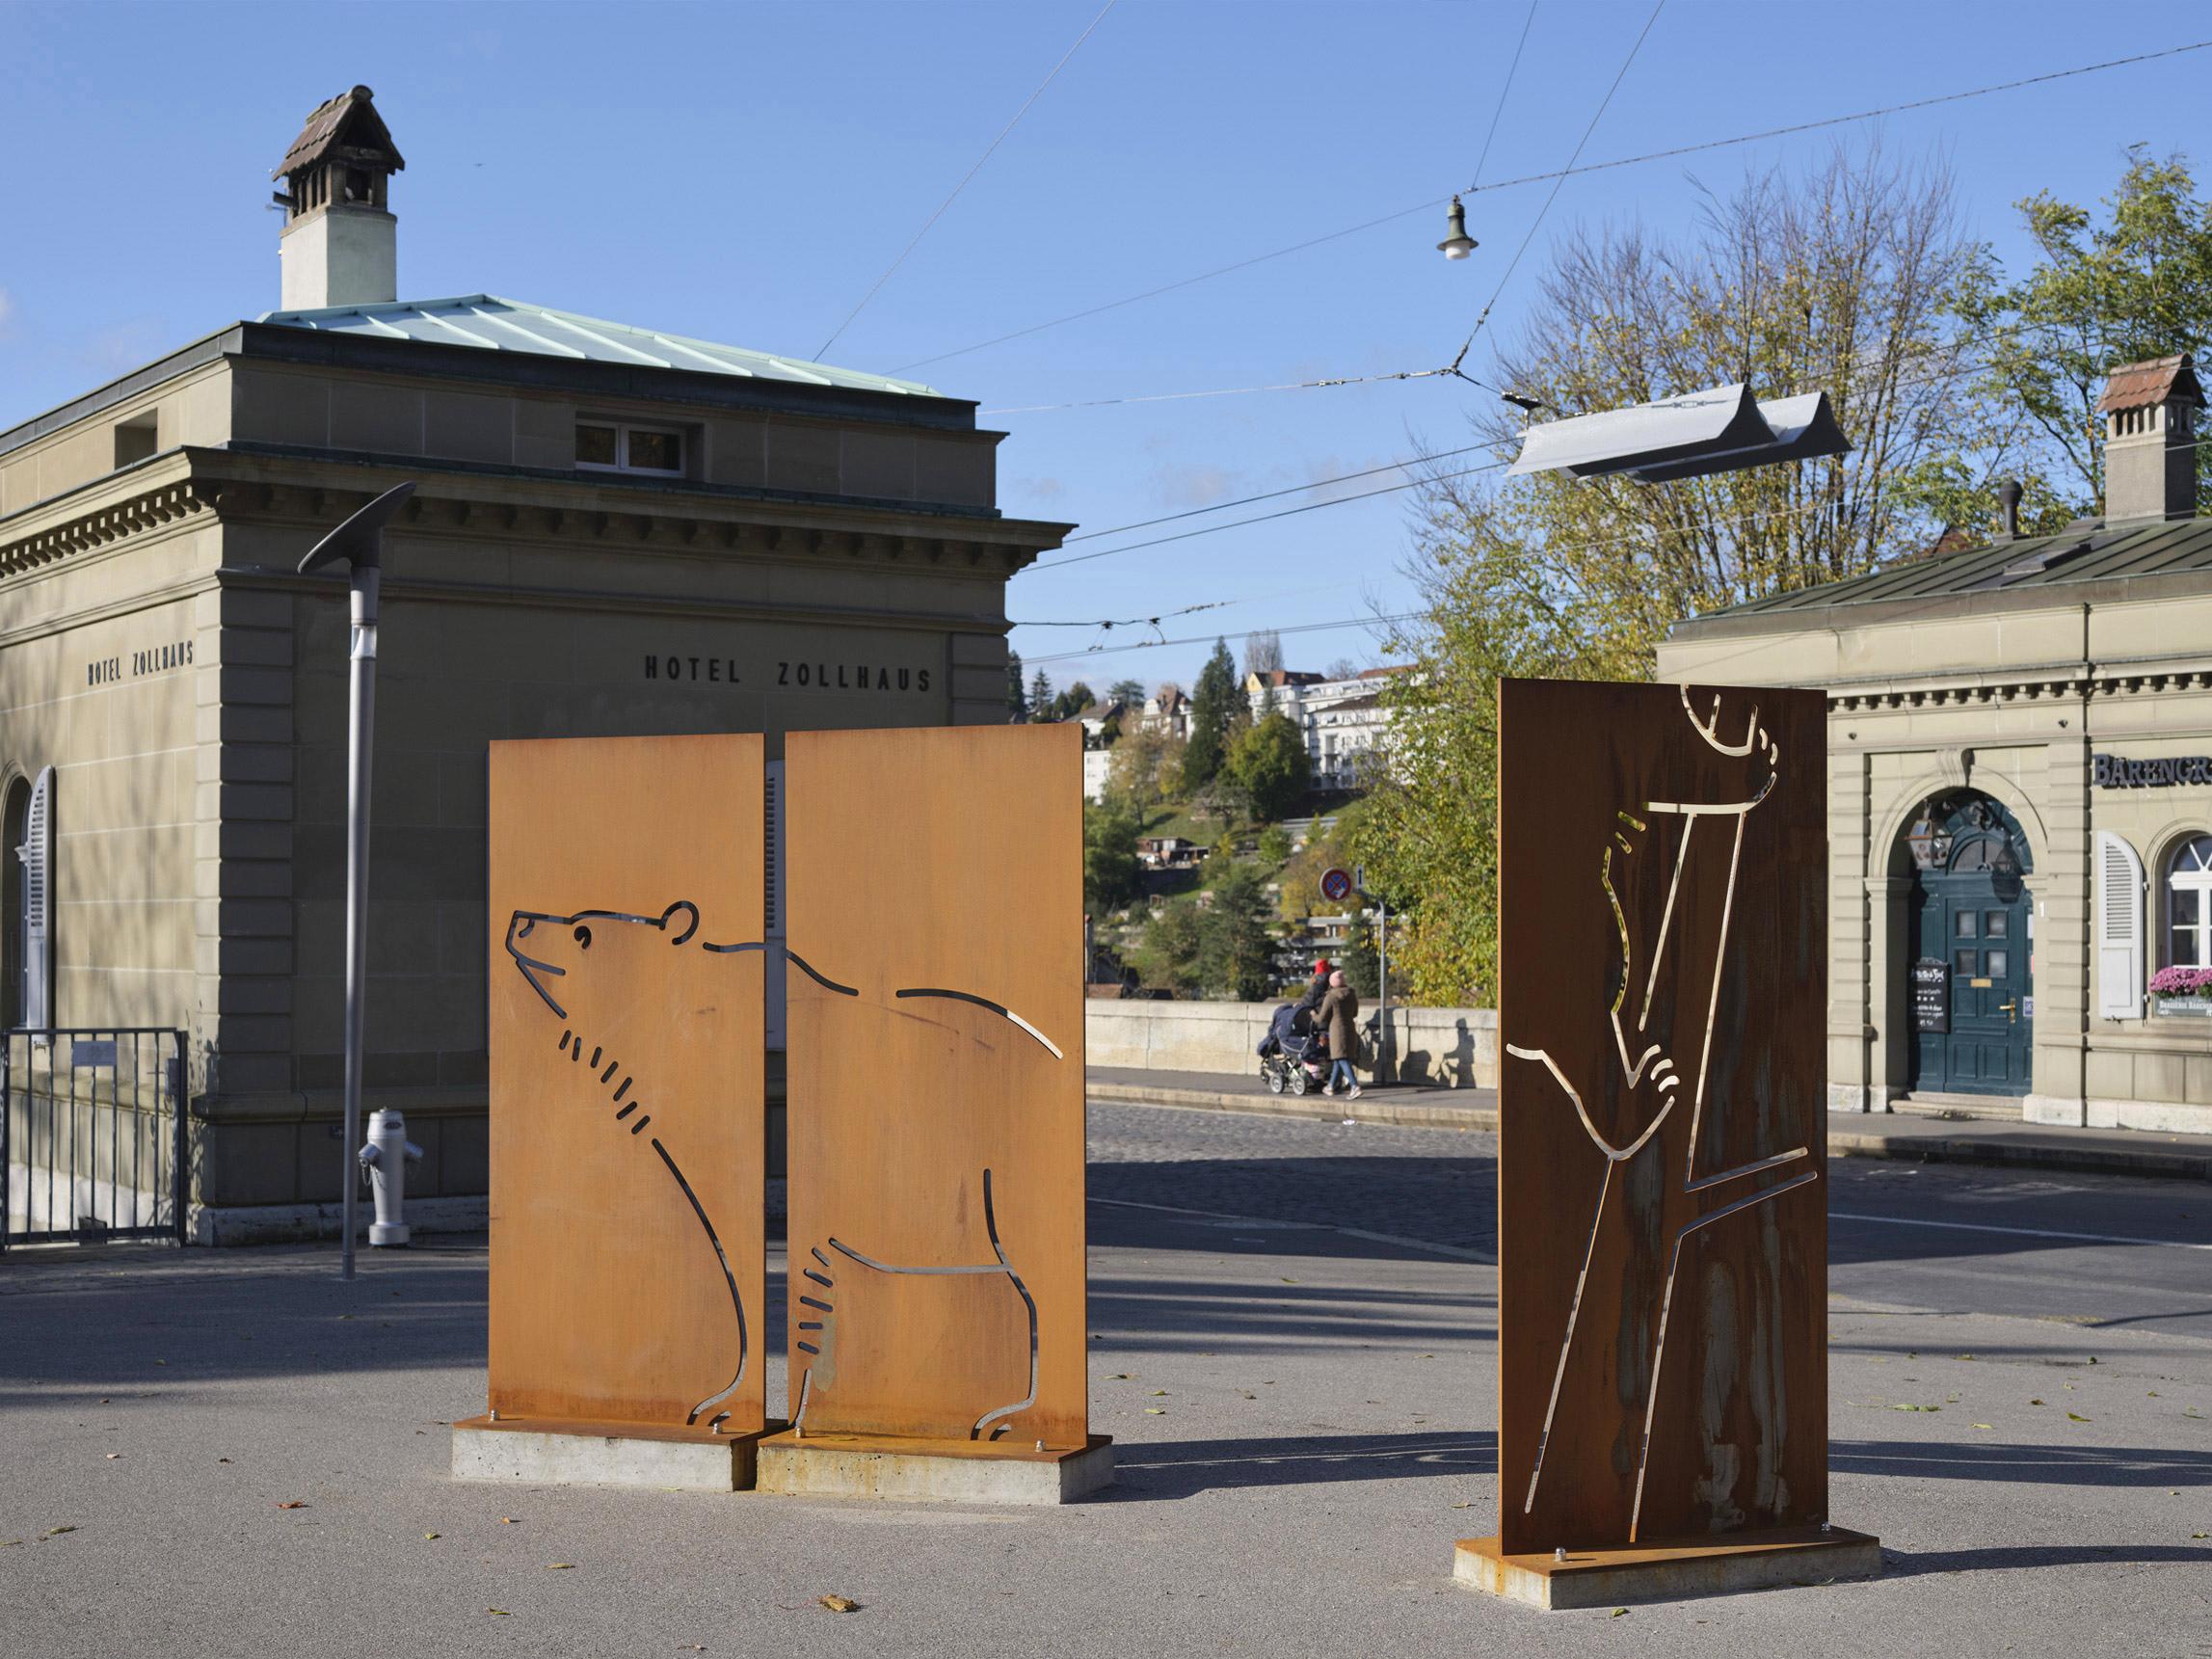 Signaletik Inszenierung und Szenografie für Baerenpark Bern